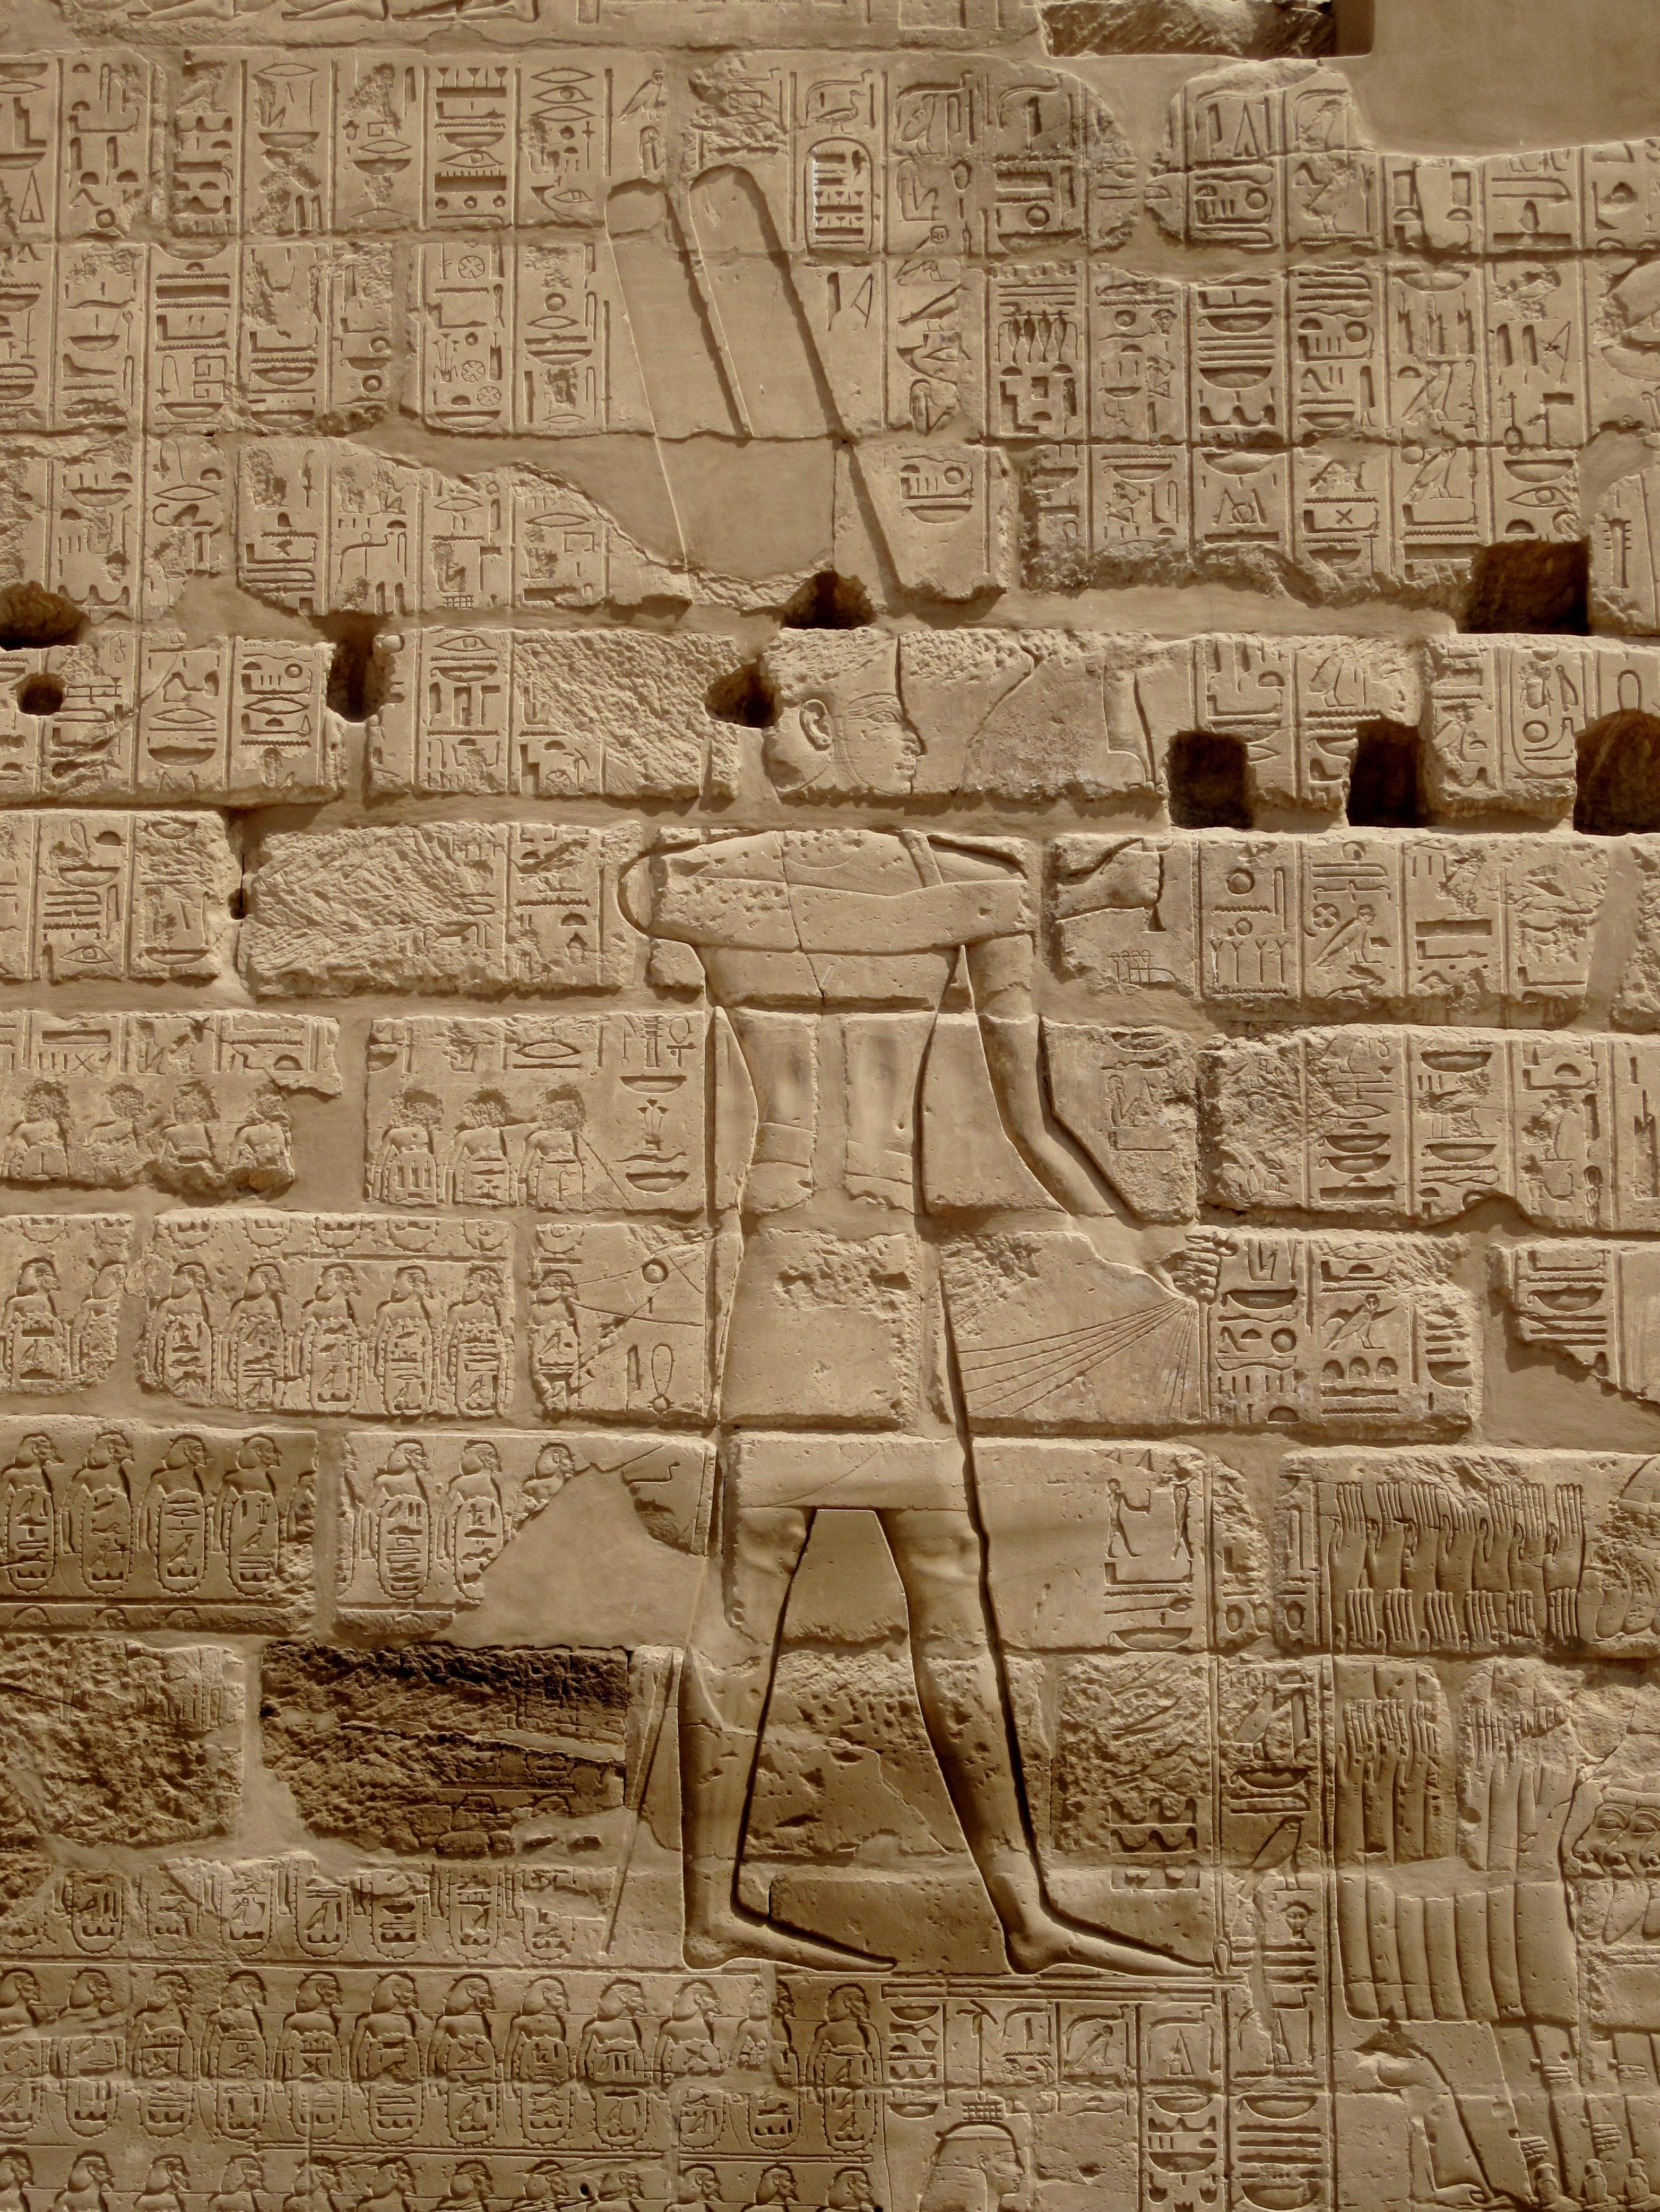 Relevo de Sisaque I na parede externa do Templo de Carnaque, no Egito